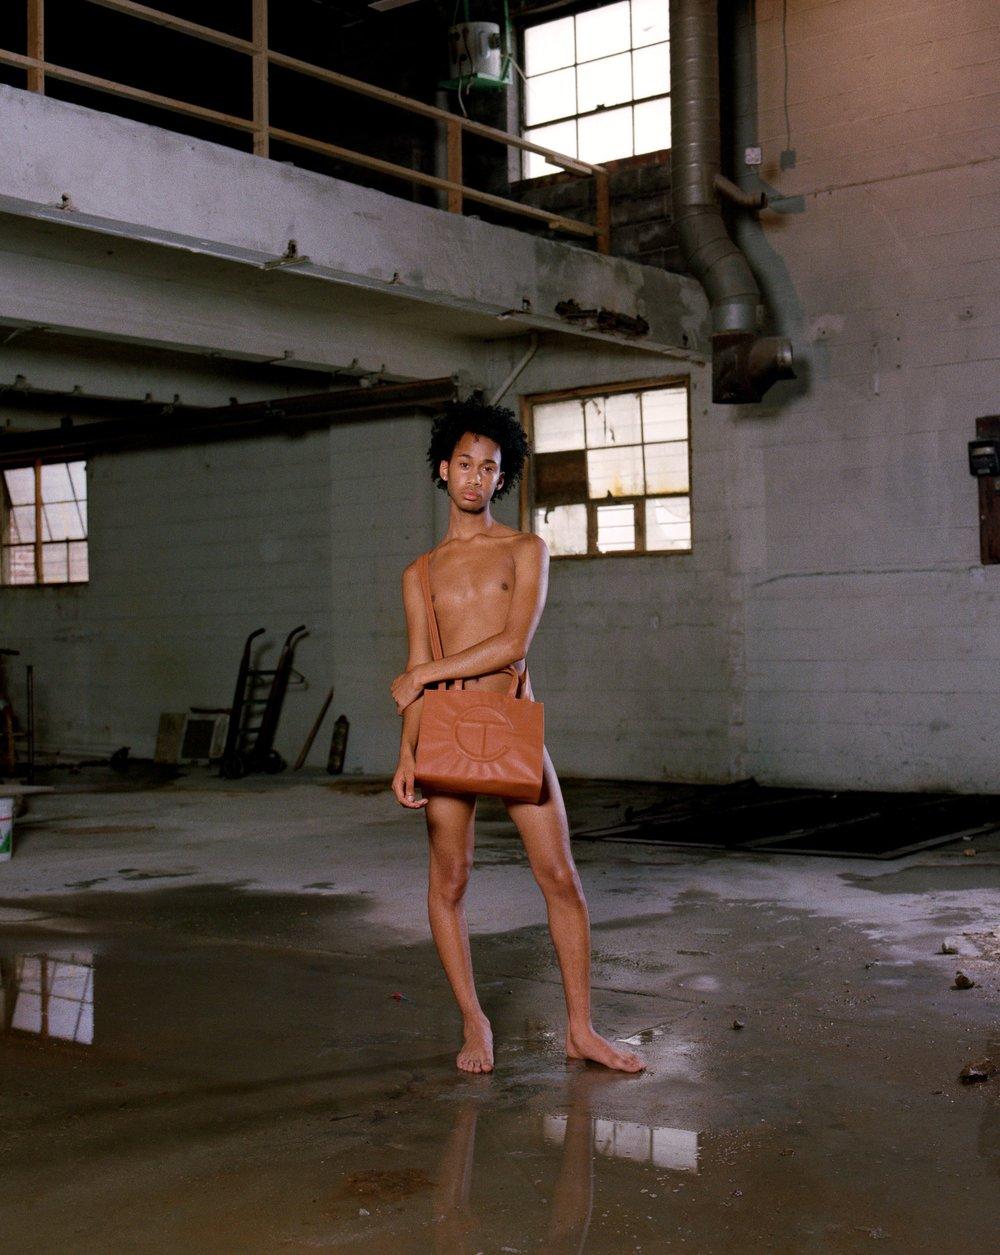 Telfar Bag Campaign - June Canedo